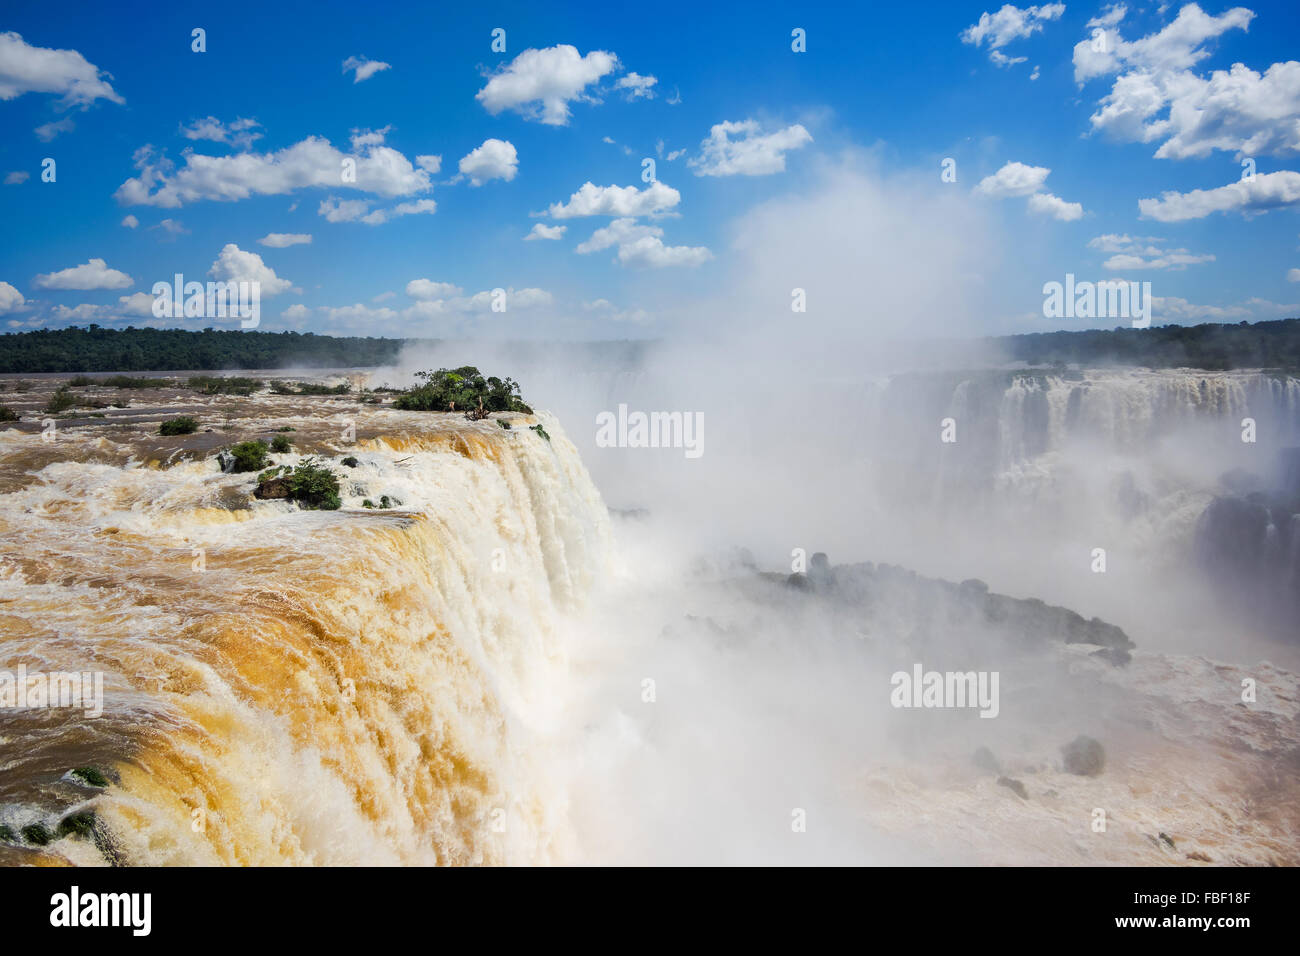 Las Cataratas de Iguazú, en la frontera de Argentina y Brasil. Imagen De Stock